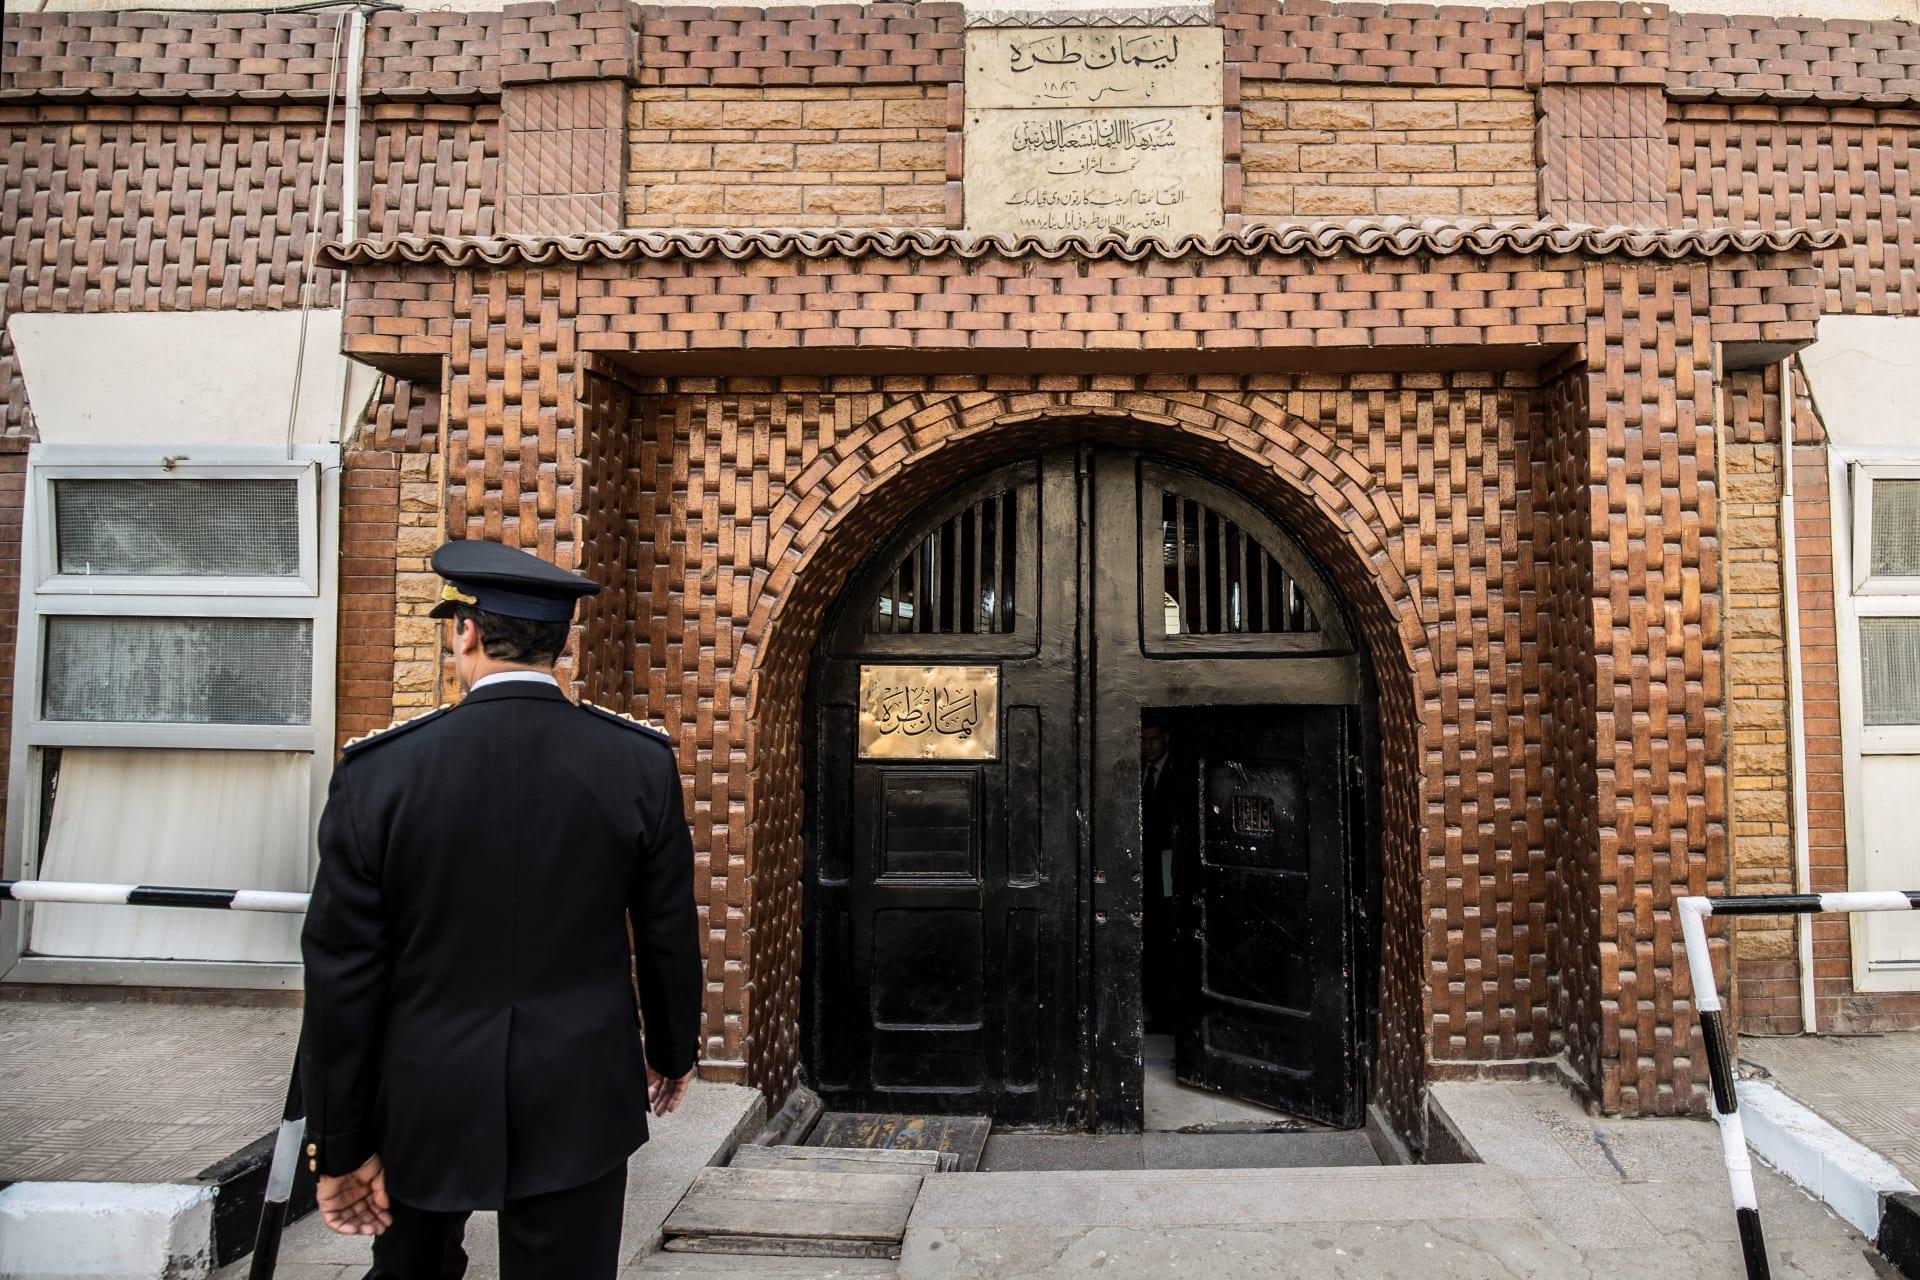 الداخلية المصرية تؤكد اتخاذ الإجراءات اللازمة لمواجهة كورونا بالسجون بعد وفاة أحد موظفي طرة